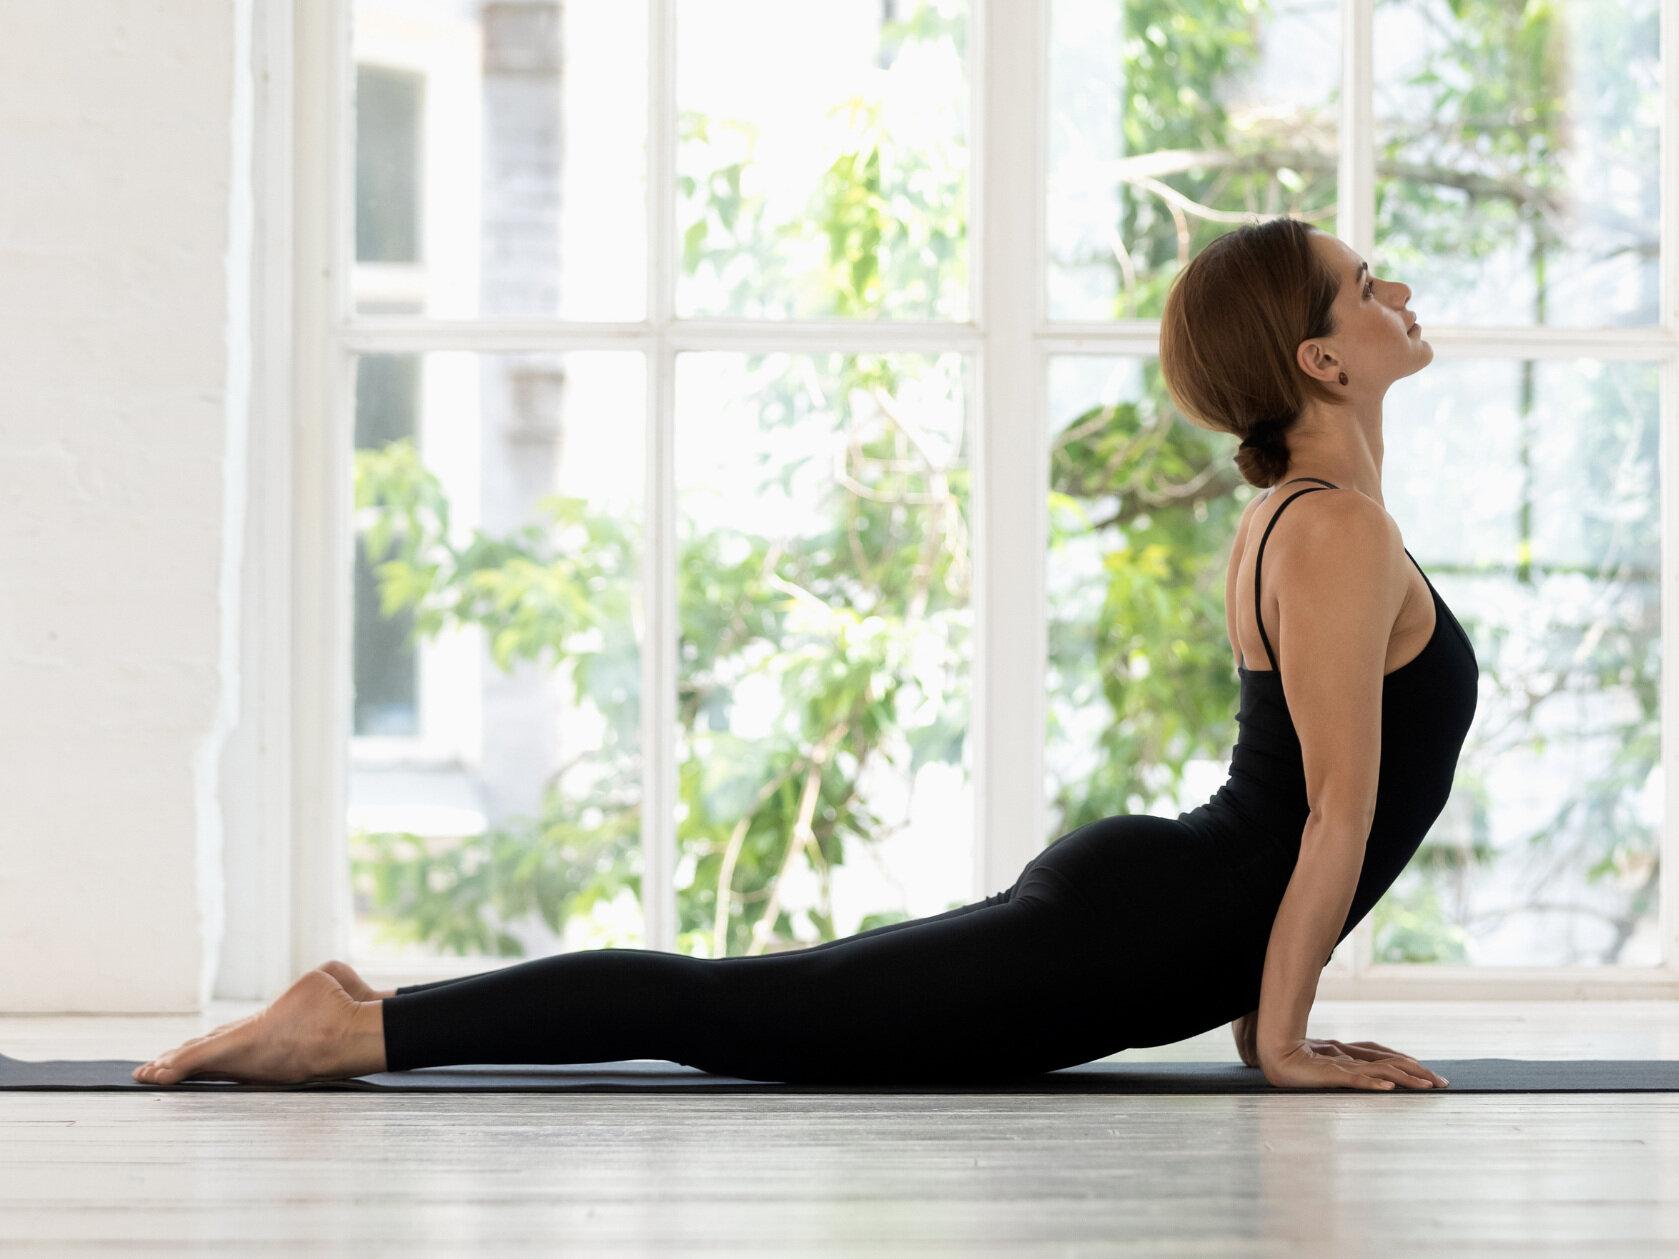 cobra posture yoga